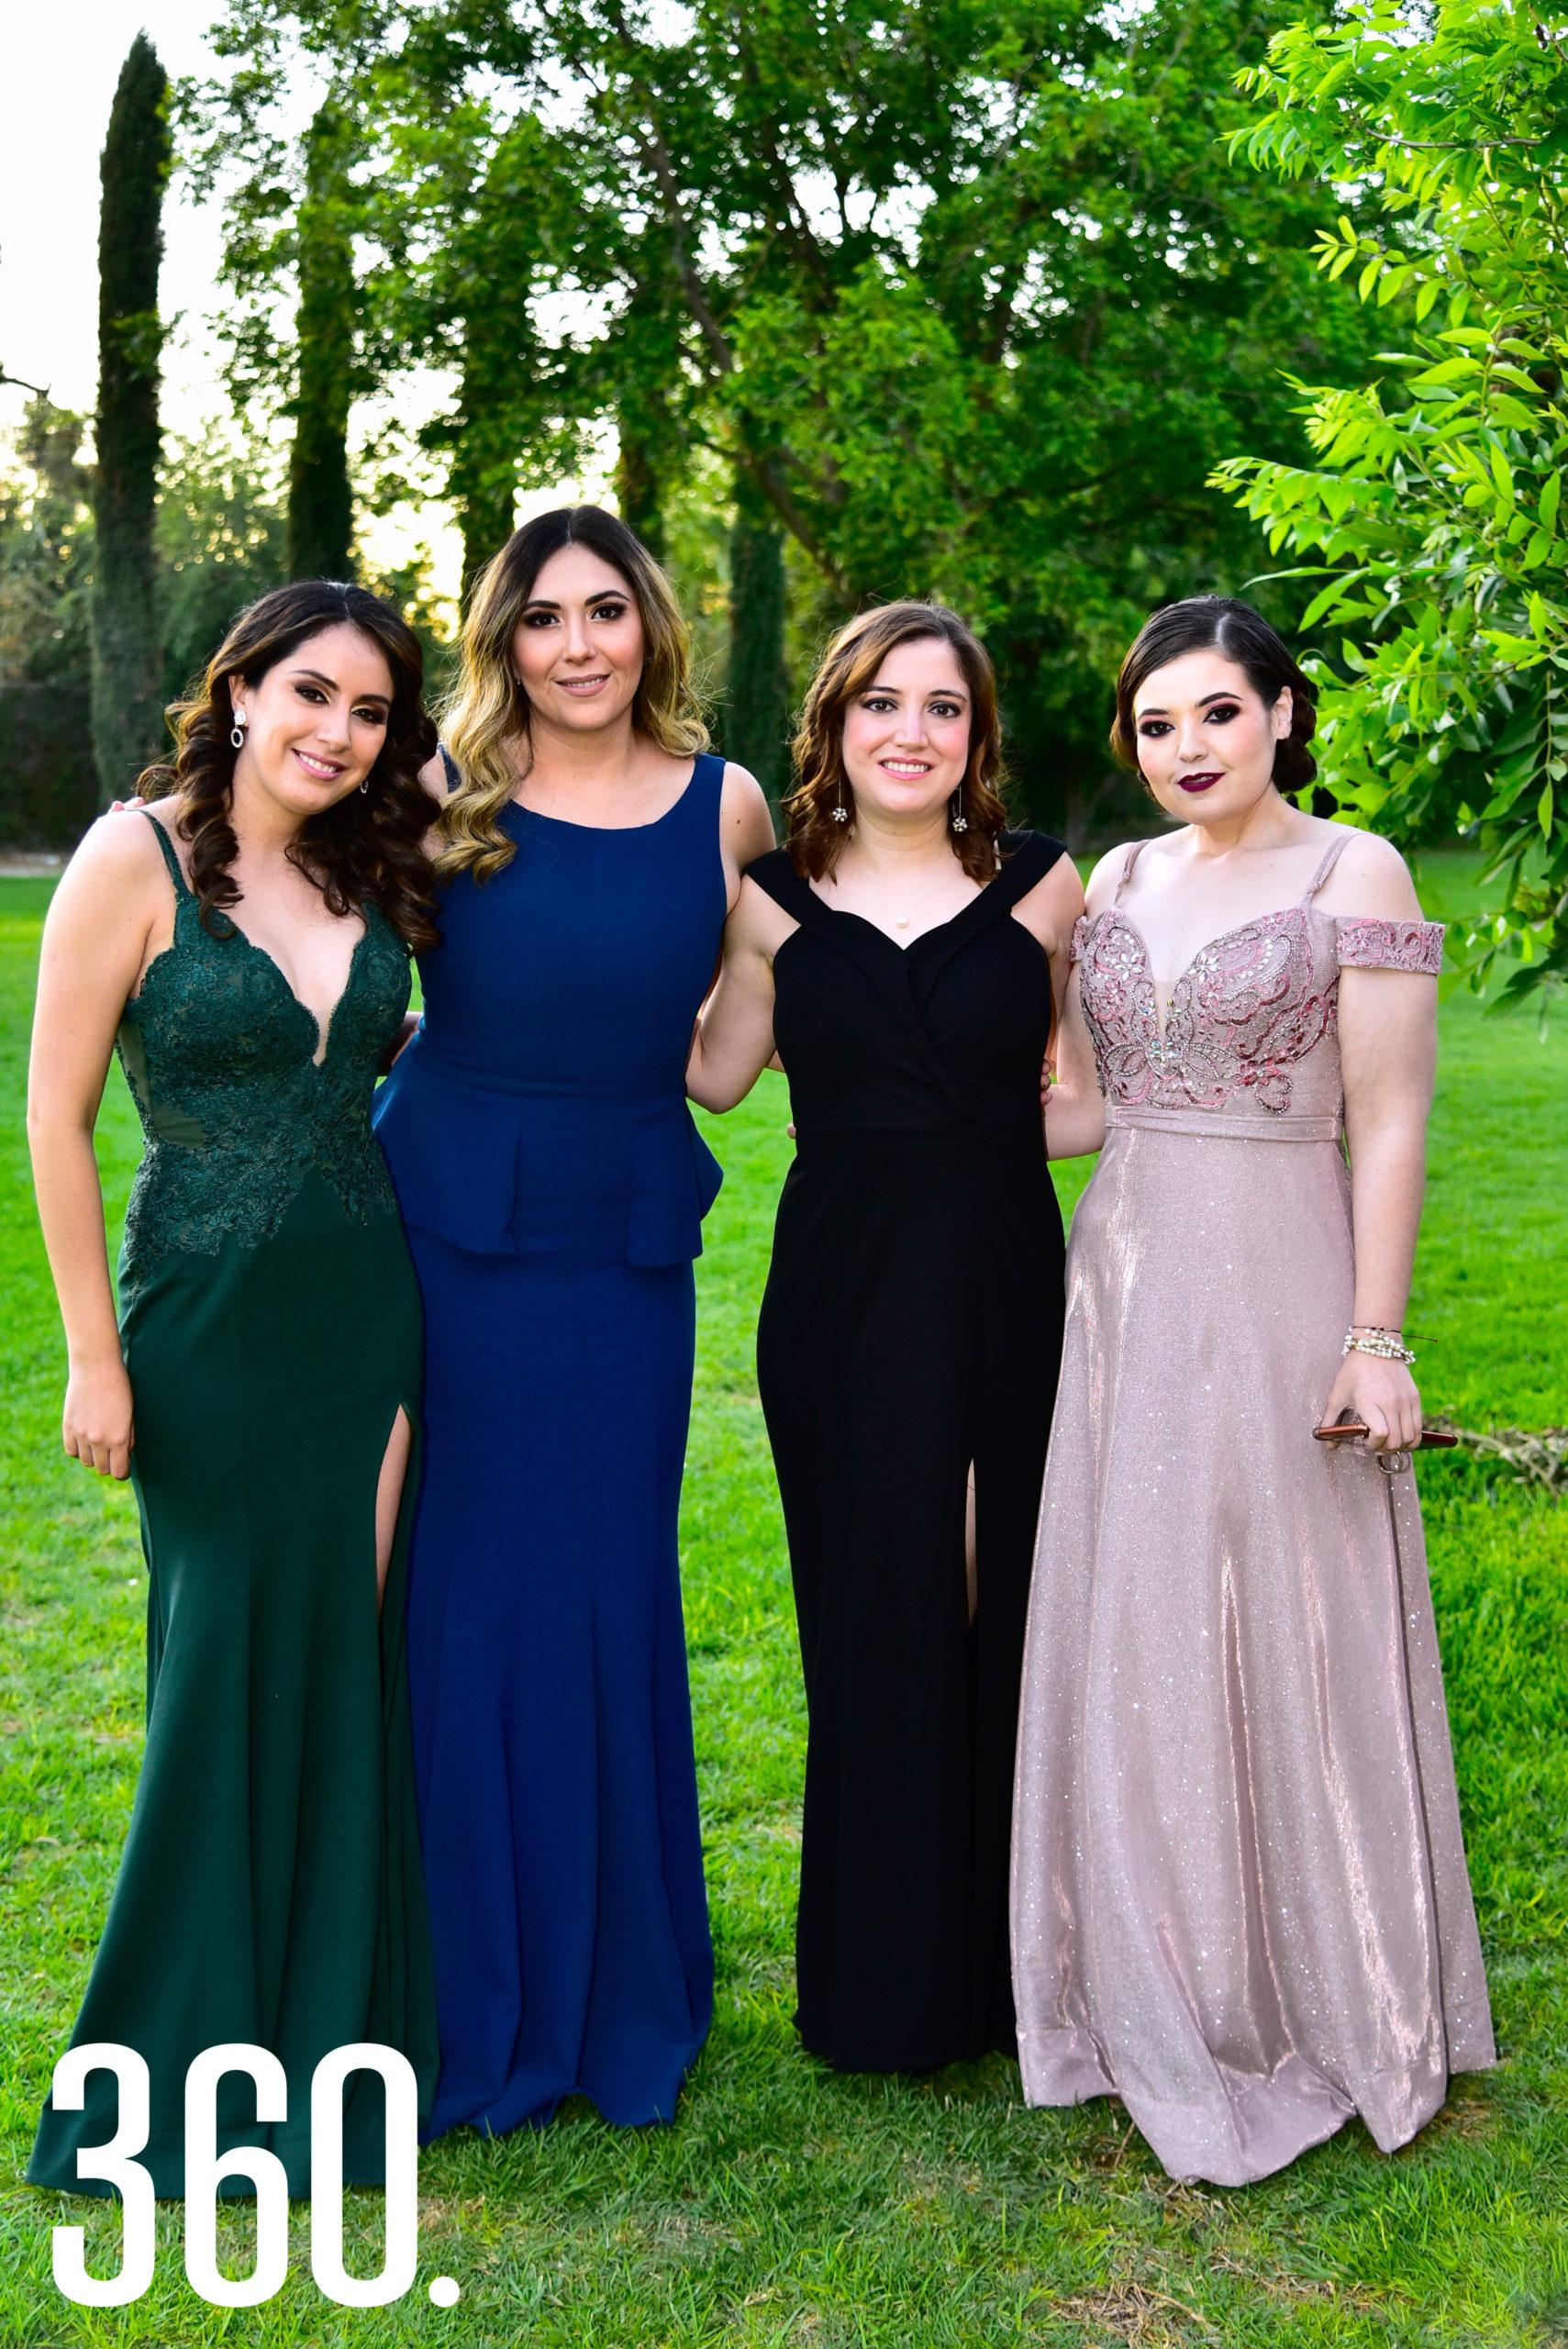 Génesis Carrillo, Edna Amavisca, Francia Fuentes y Elisa Salinas.